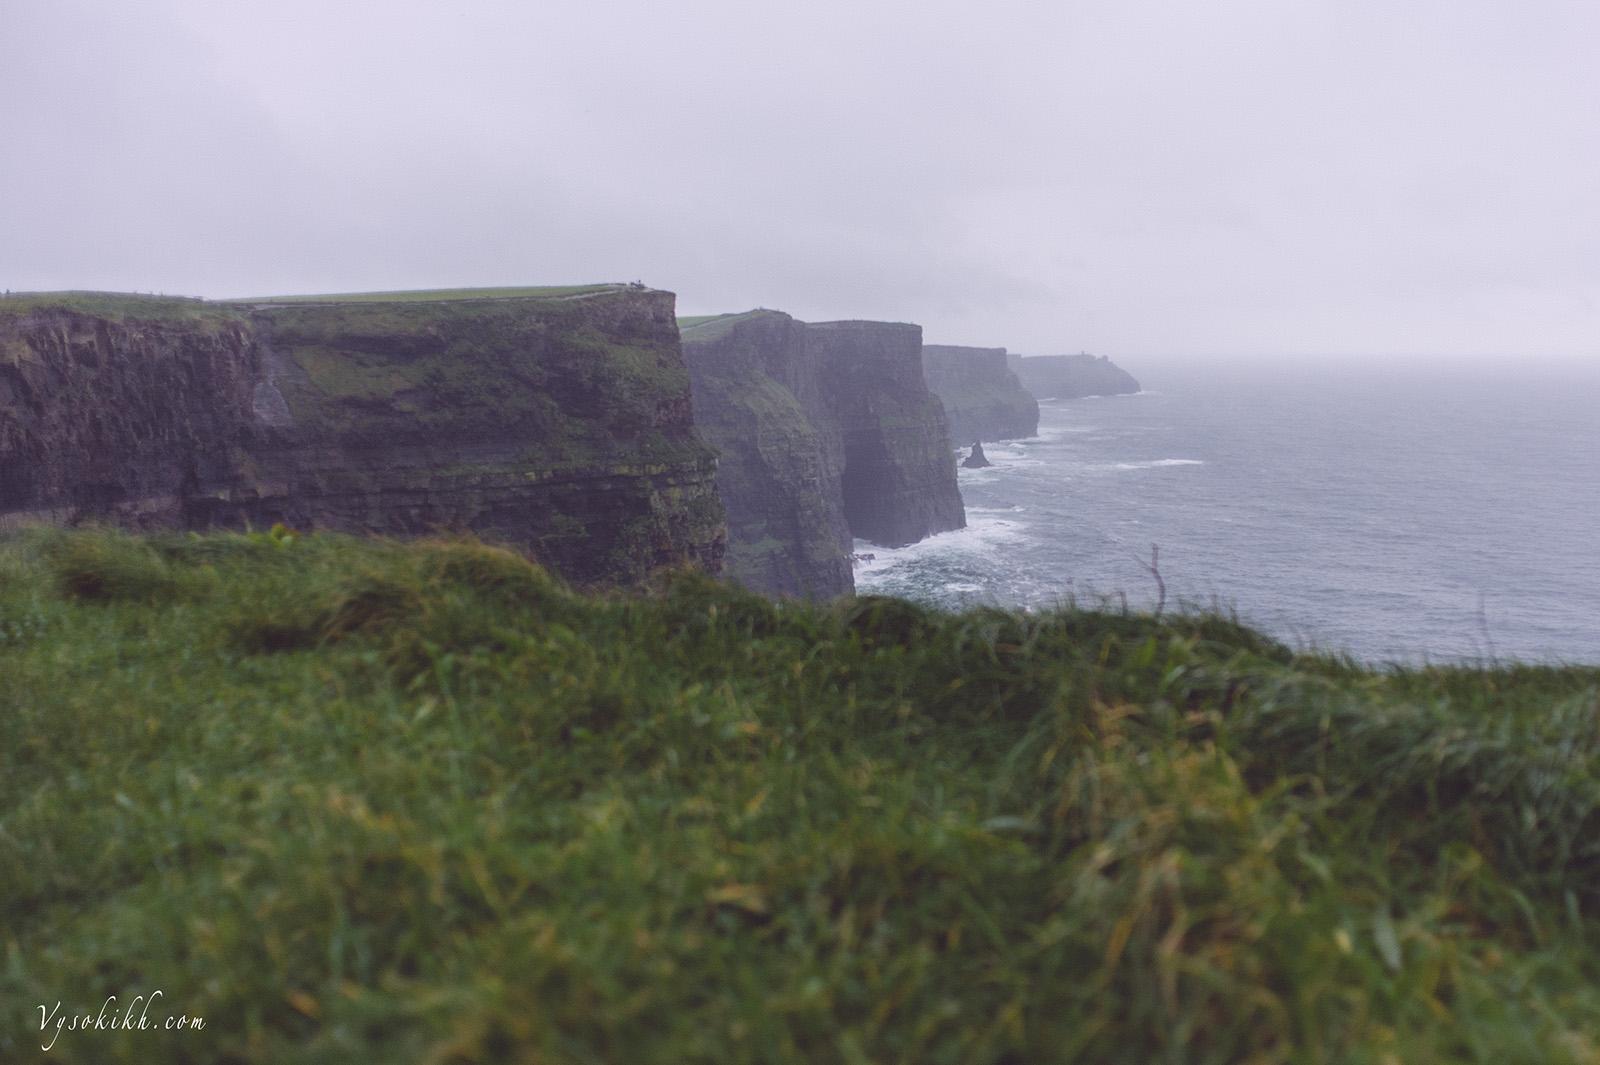 Cliffs of Moher - высота варьируется от 120 до 214 метров.